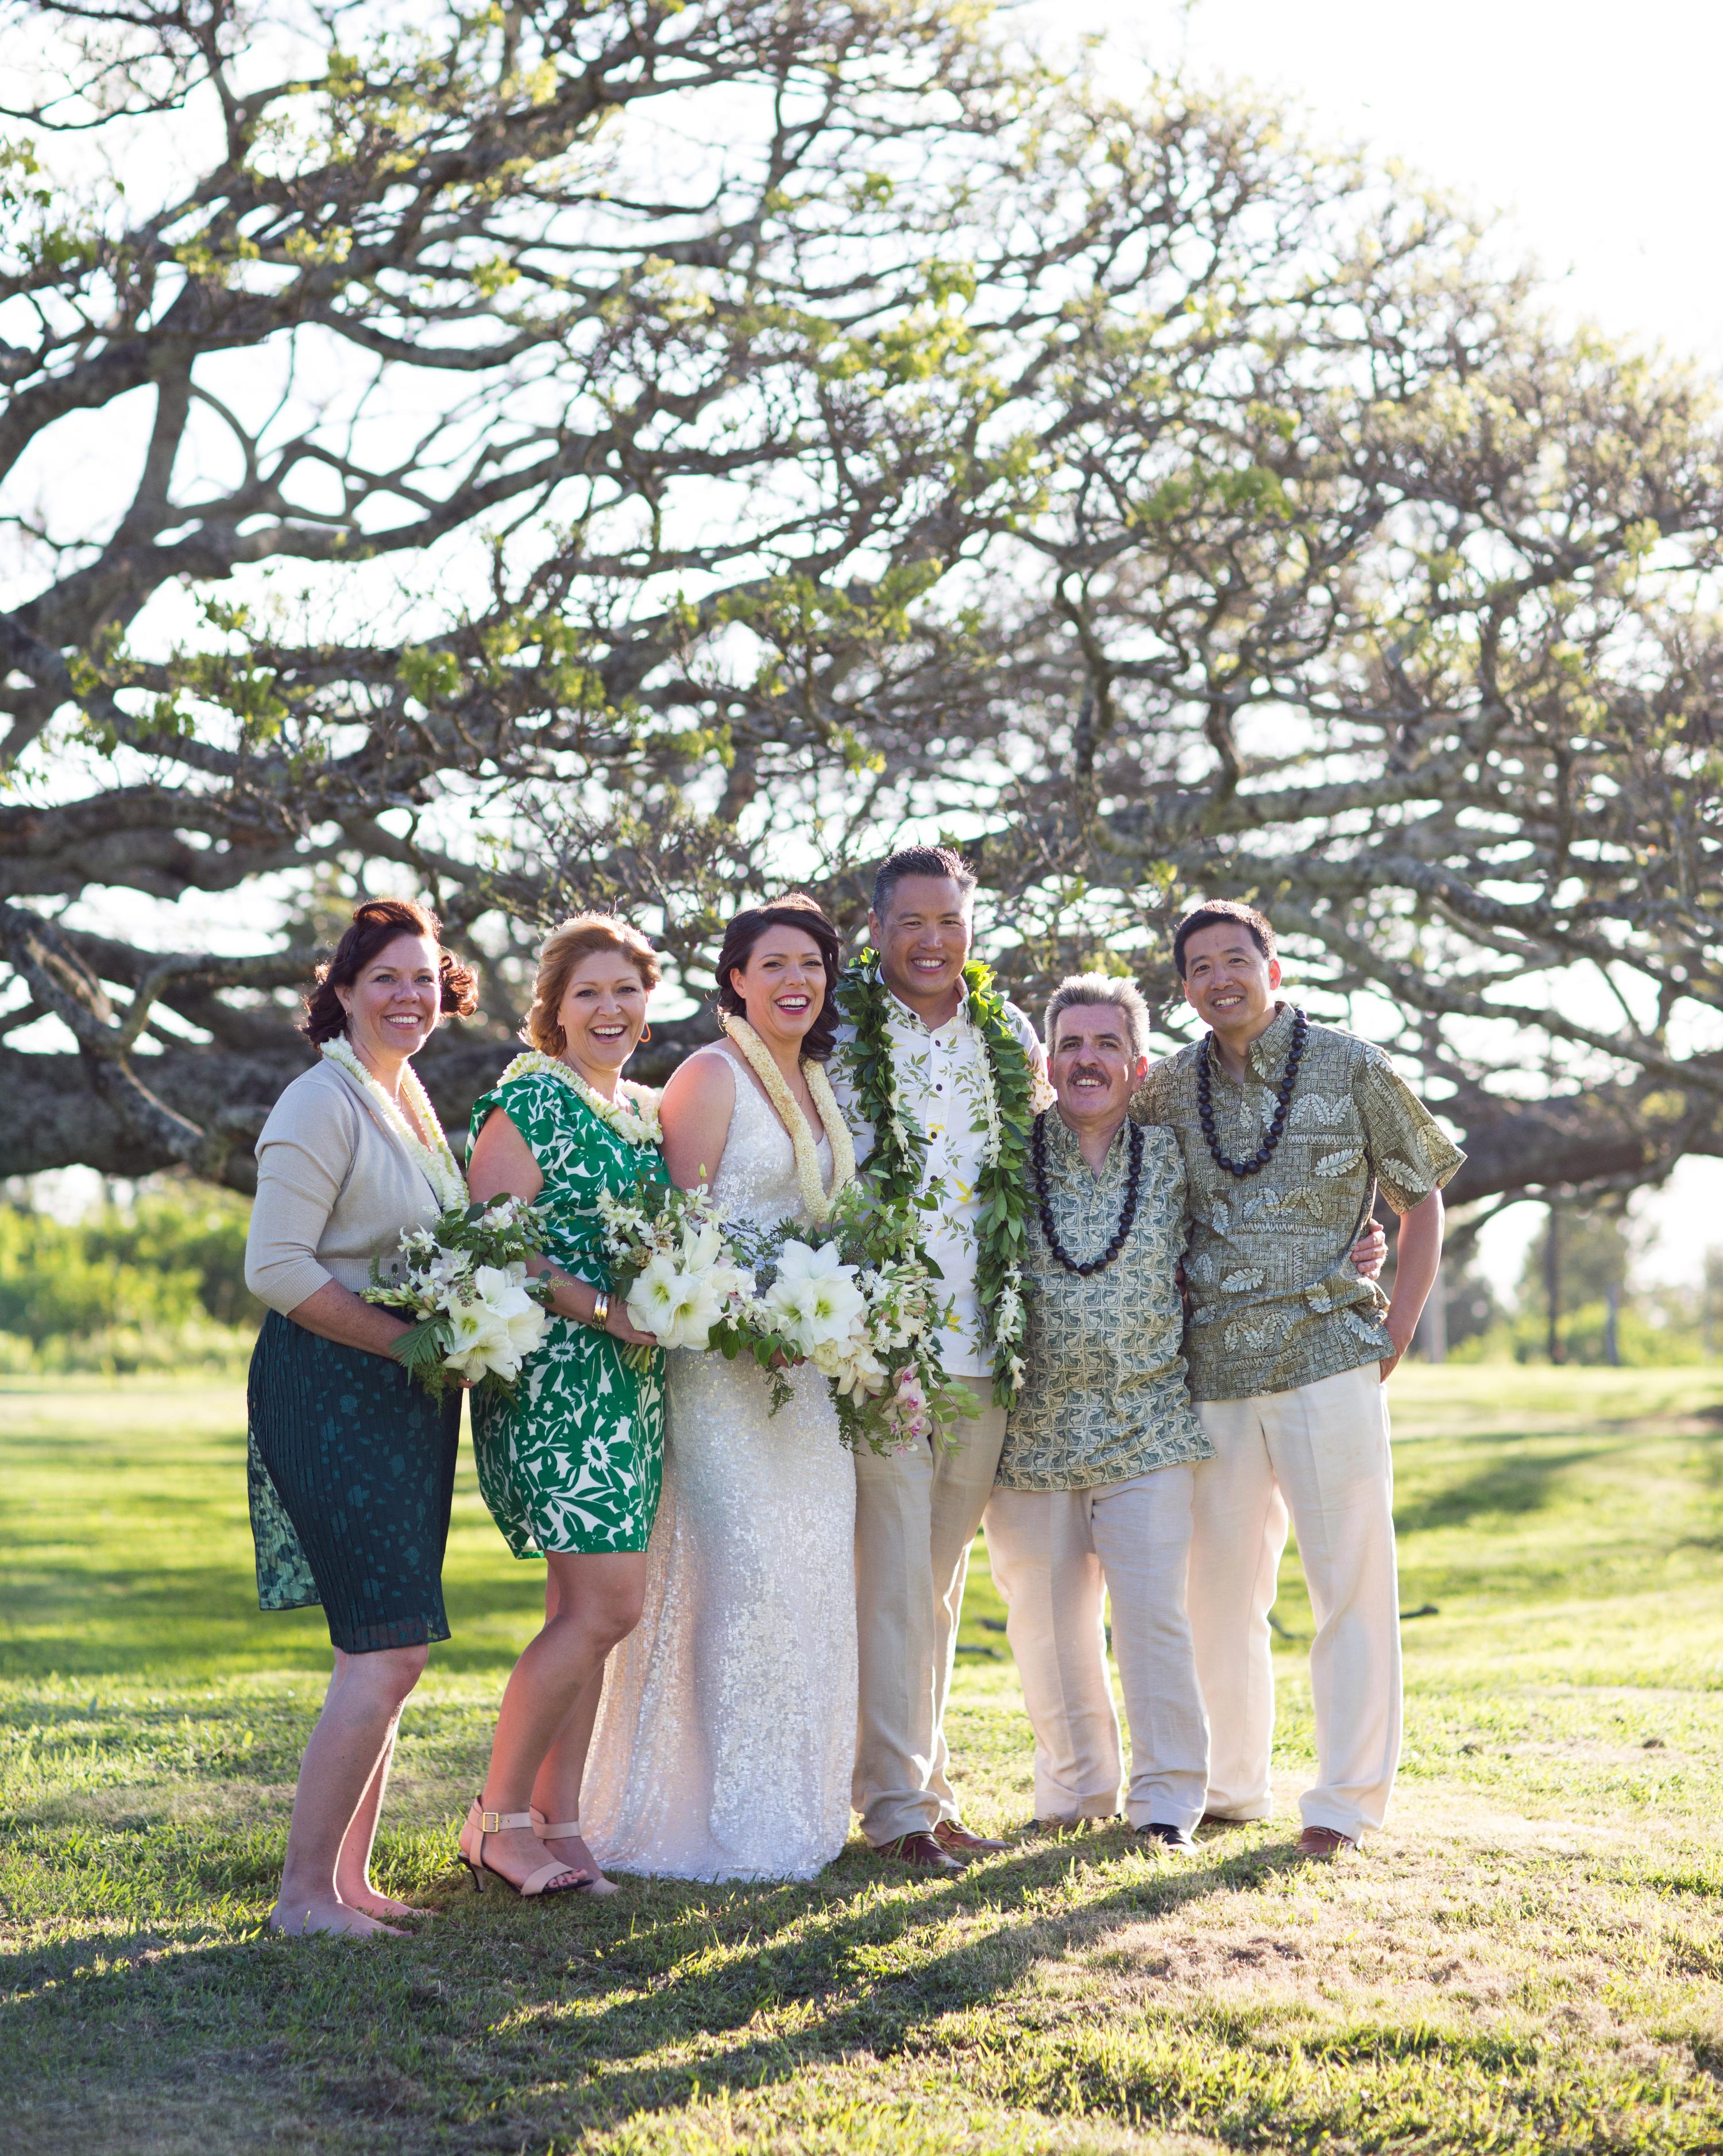 maddie-tony-wedding-bridalparty-7412-s112424-1015.jpg